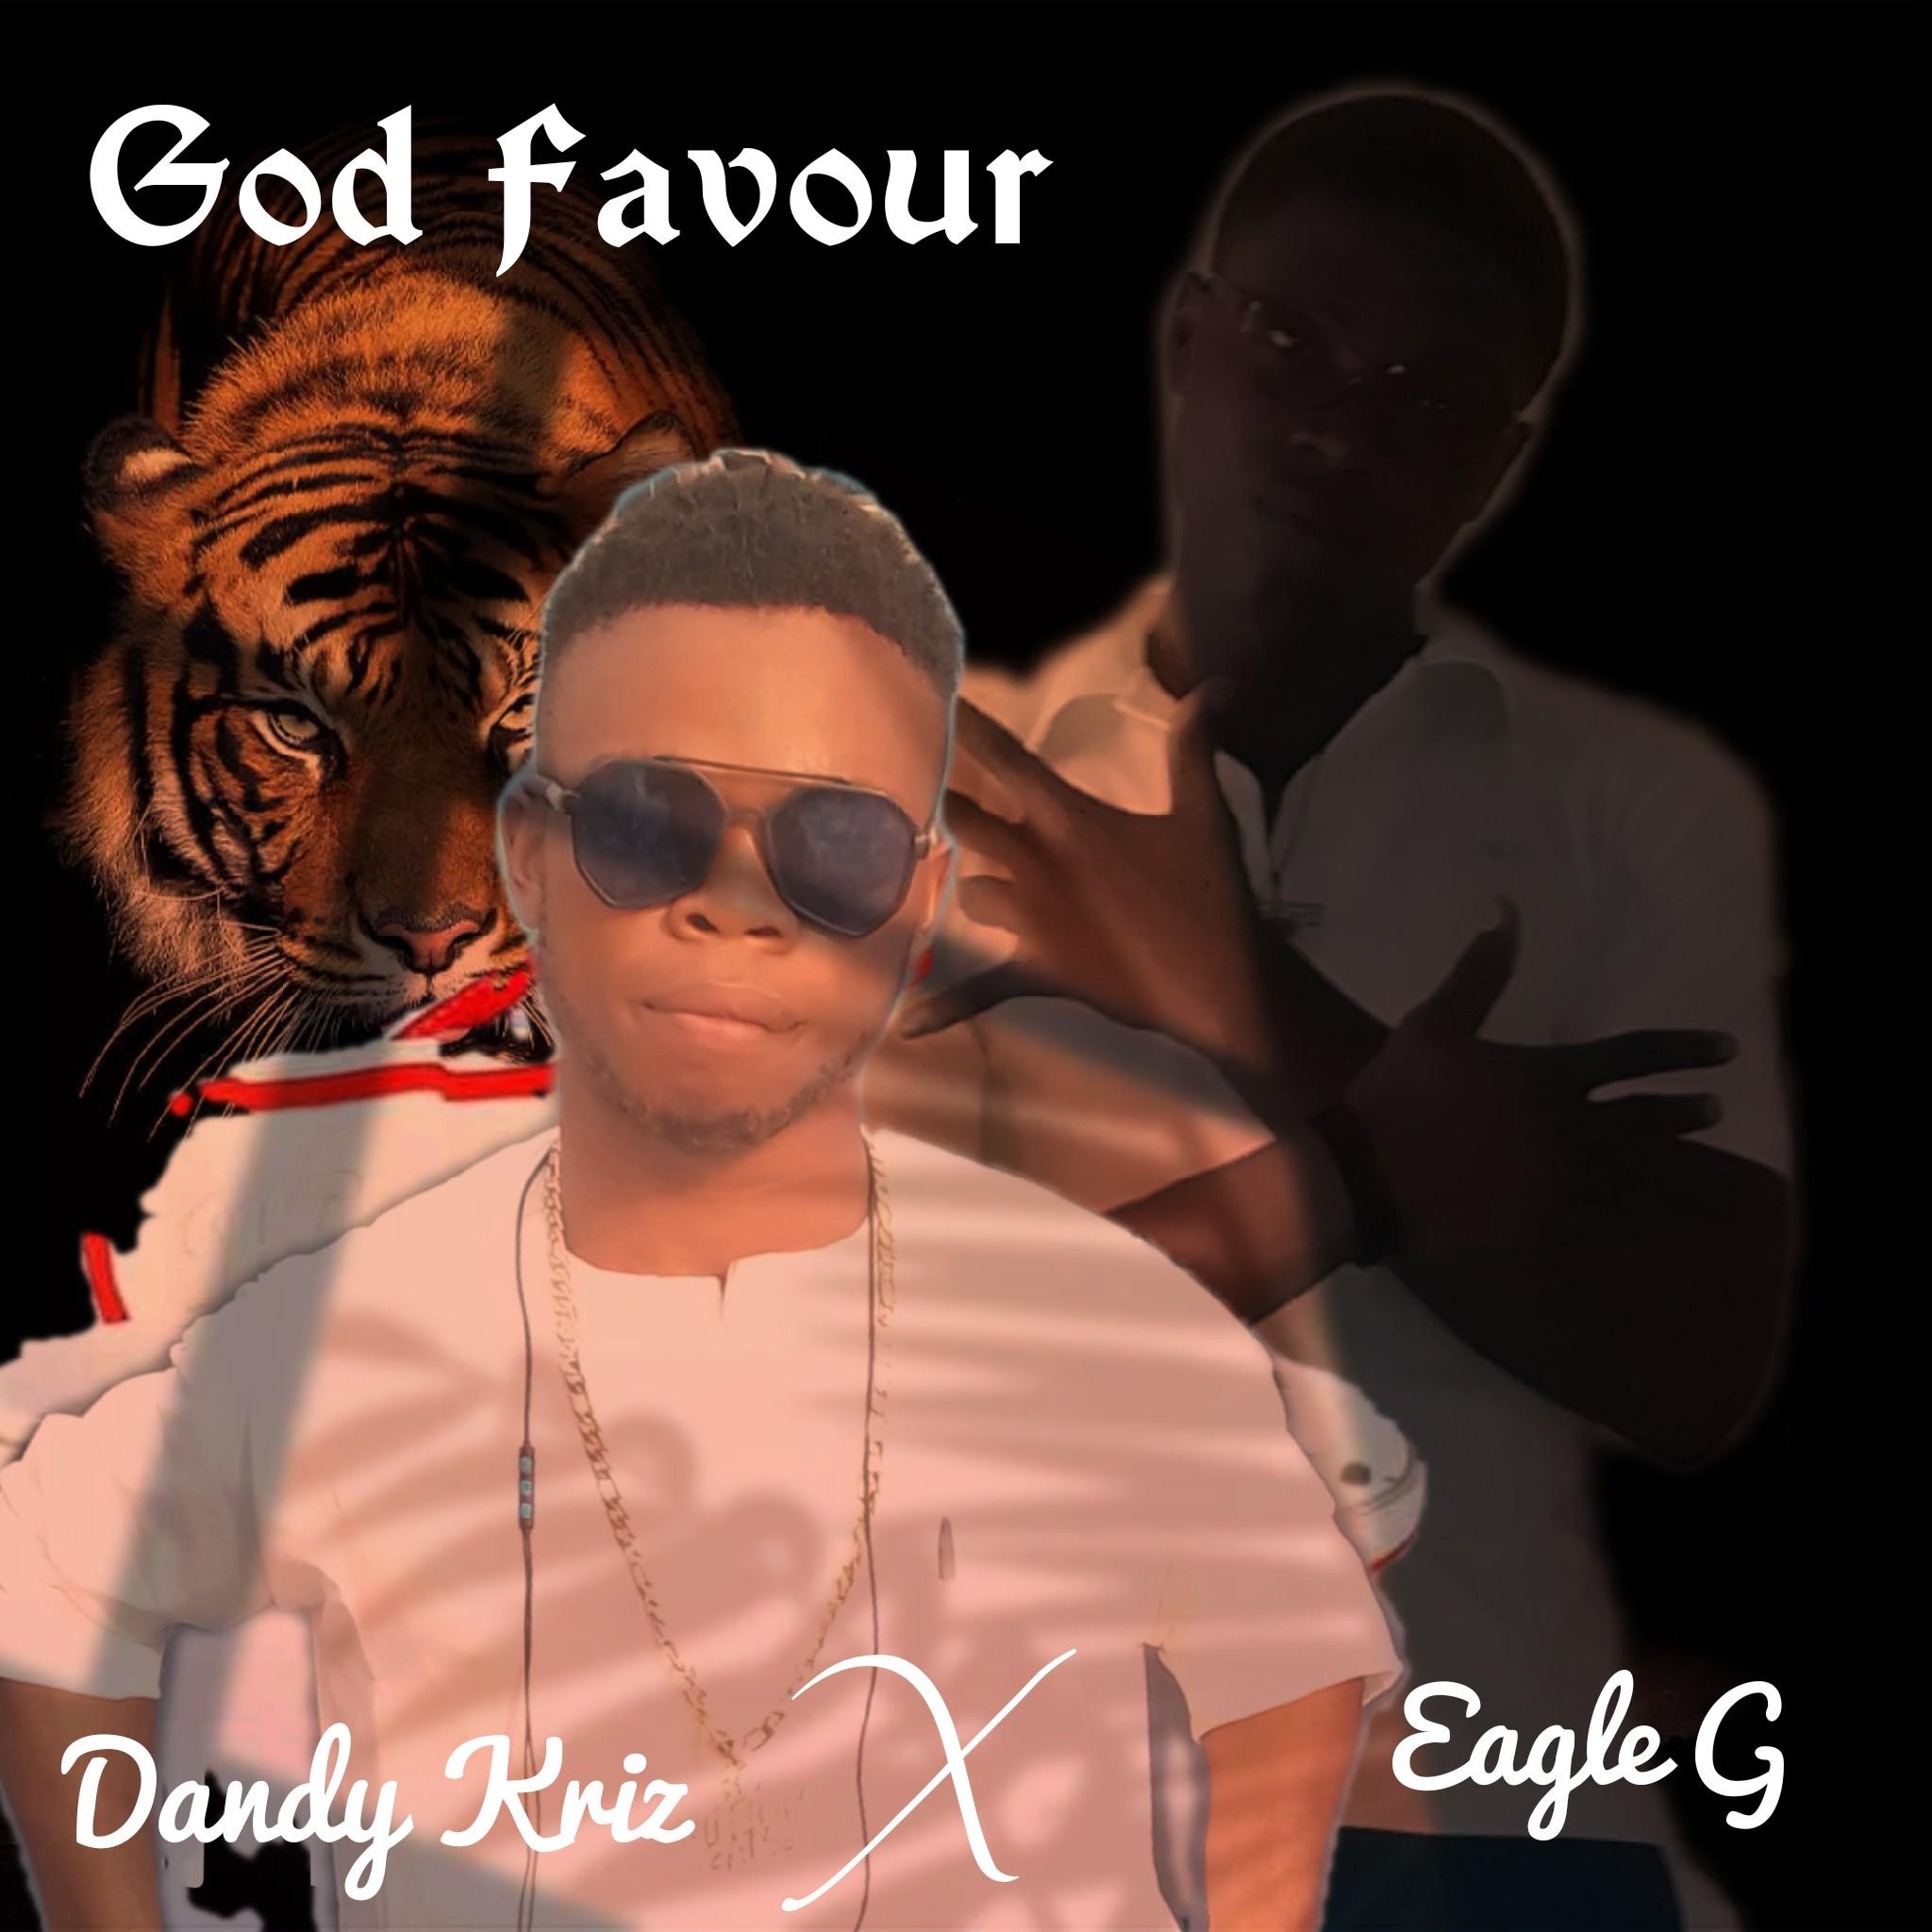 Dandy Kriz x Eagle G - God Favour